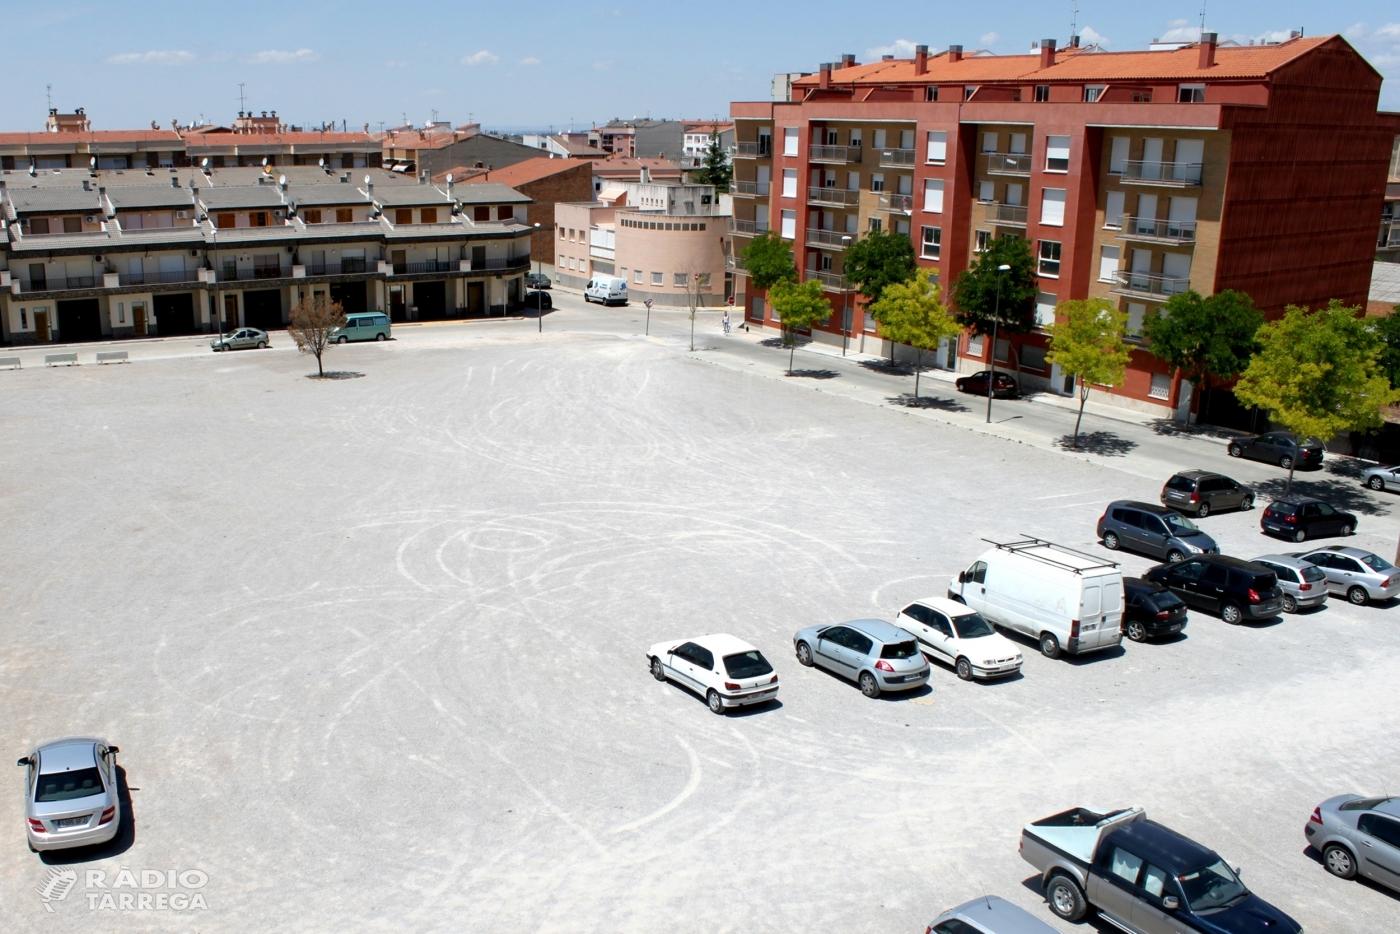 L'Ajuntament de Tàrrega aprova el projecte de remodelació de la plaça de les Bòbiles, que es transformarà en un espai arbrat de passeig